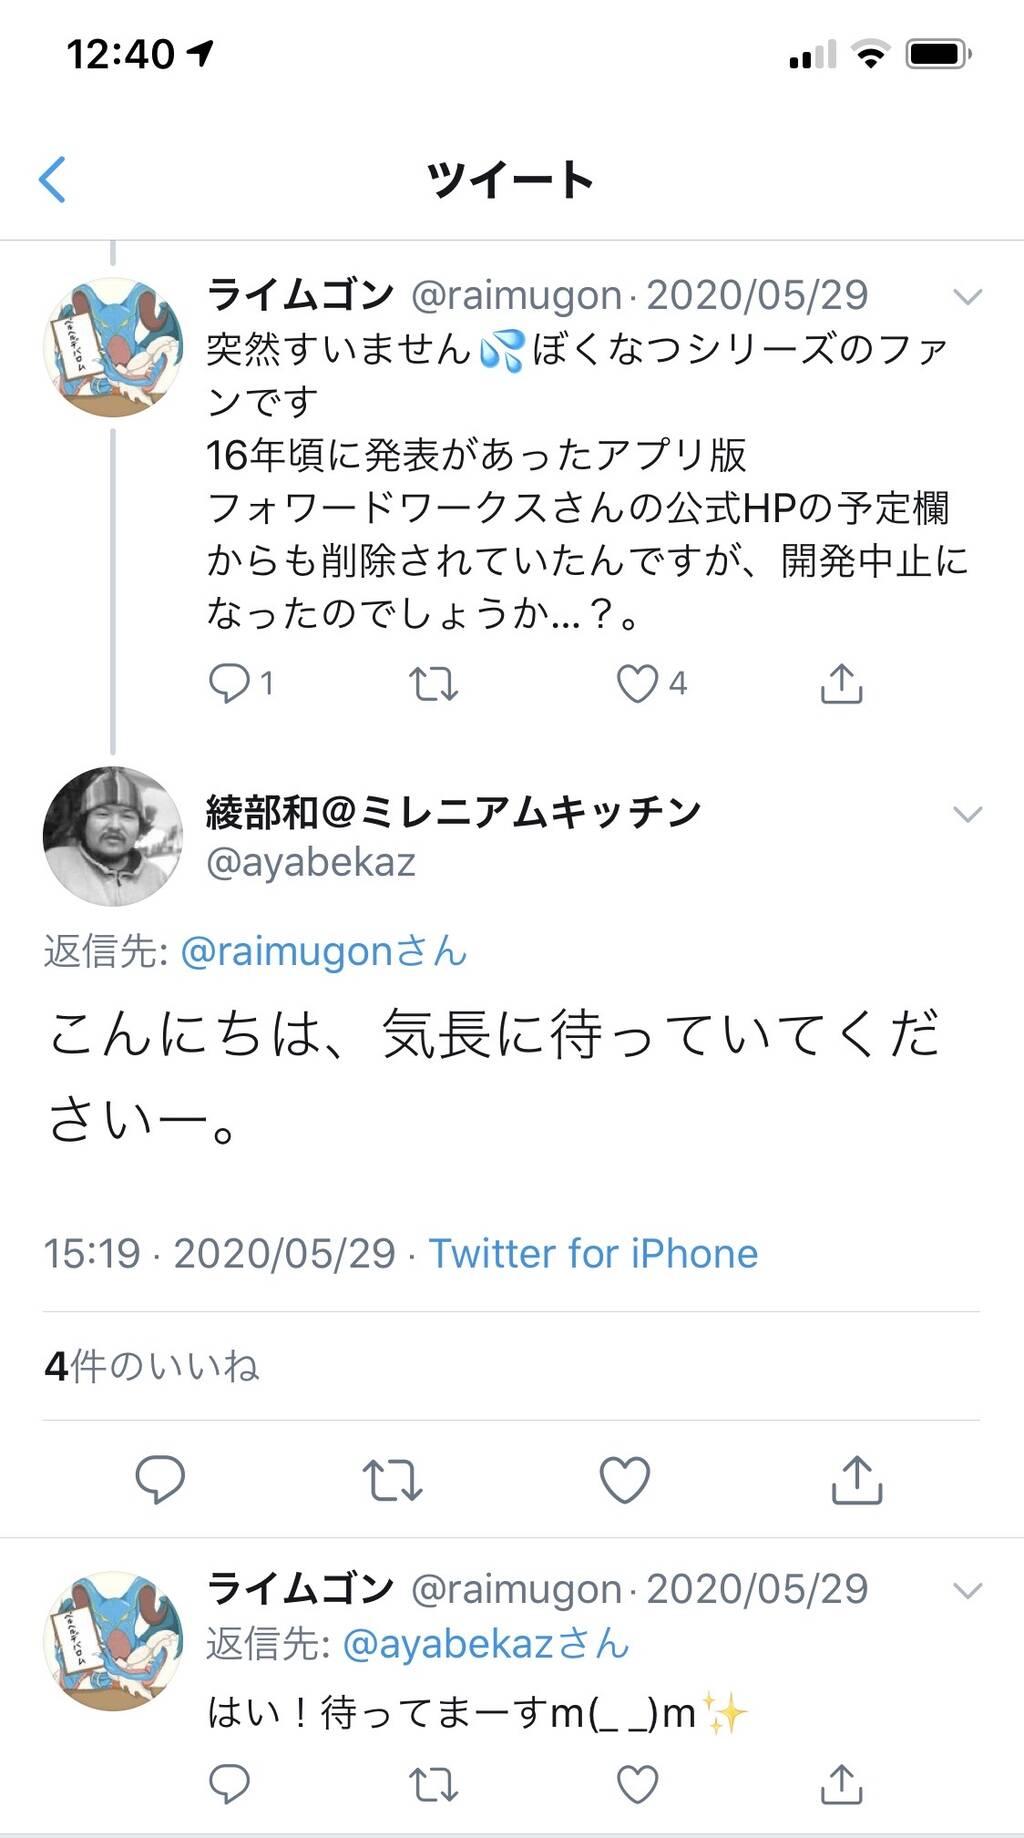 本日6月22日で『ぼくのなつやすみ』が発売20周年!